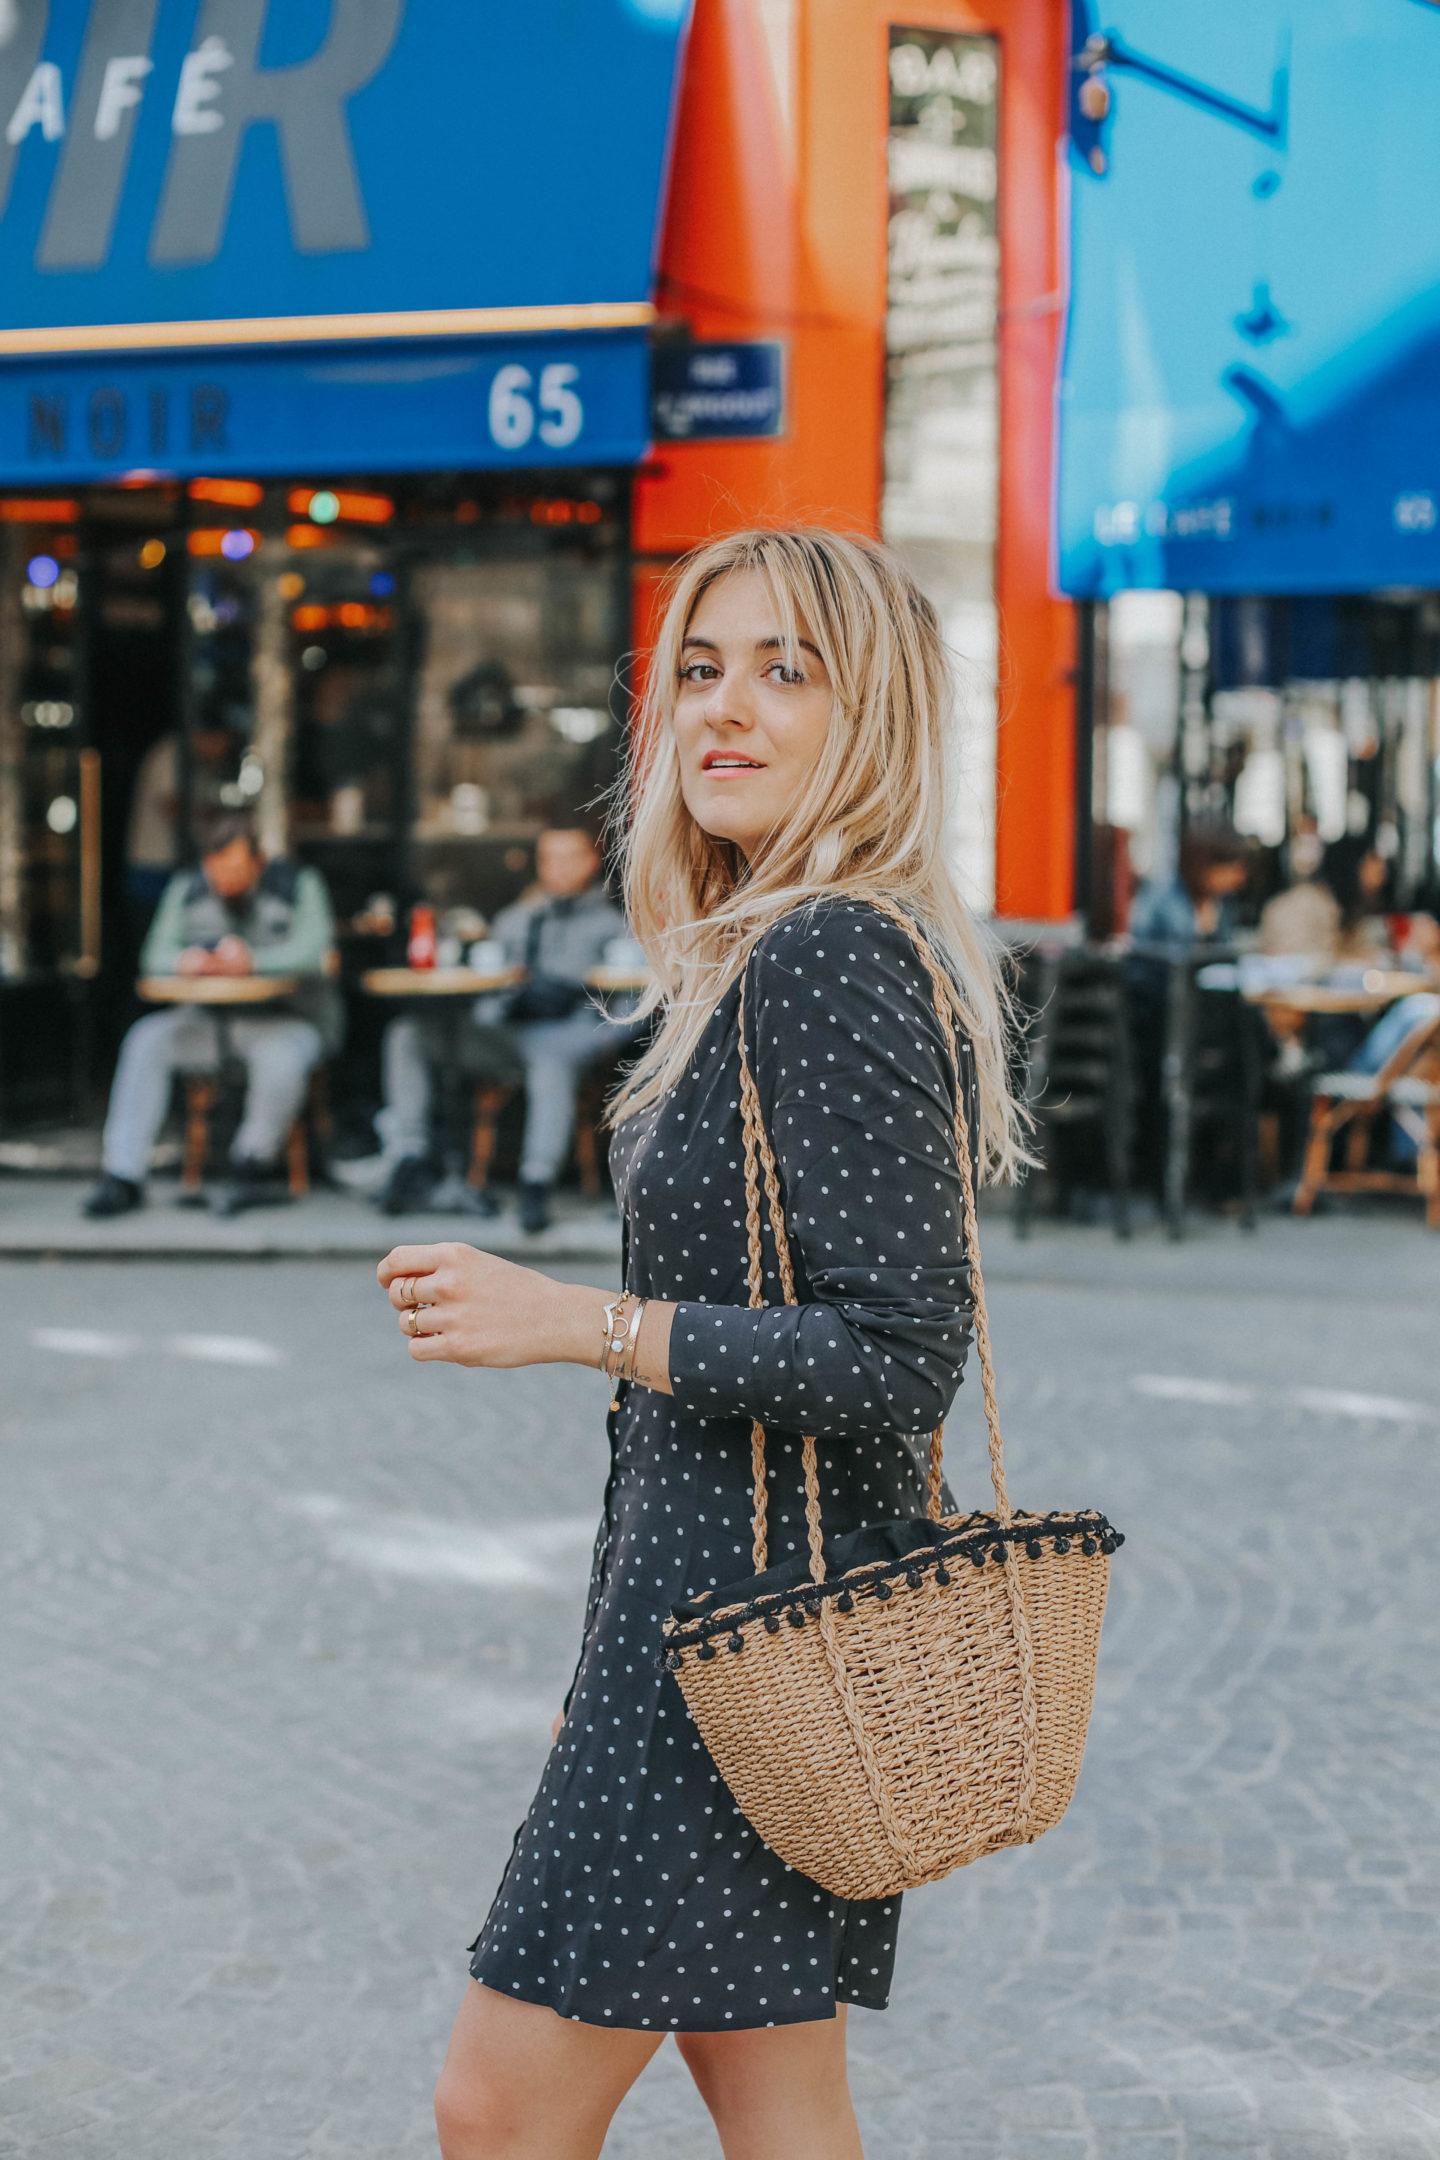 Robe noire à Pois - Blondie Baby blog mode Paris et voyages